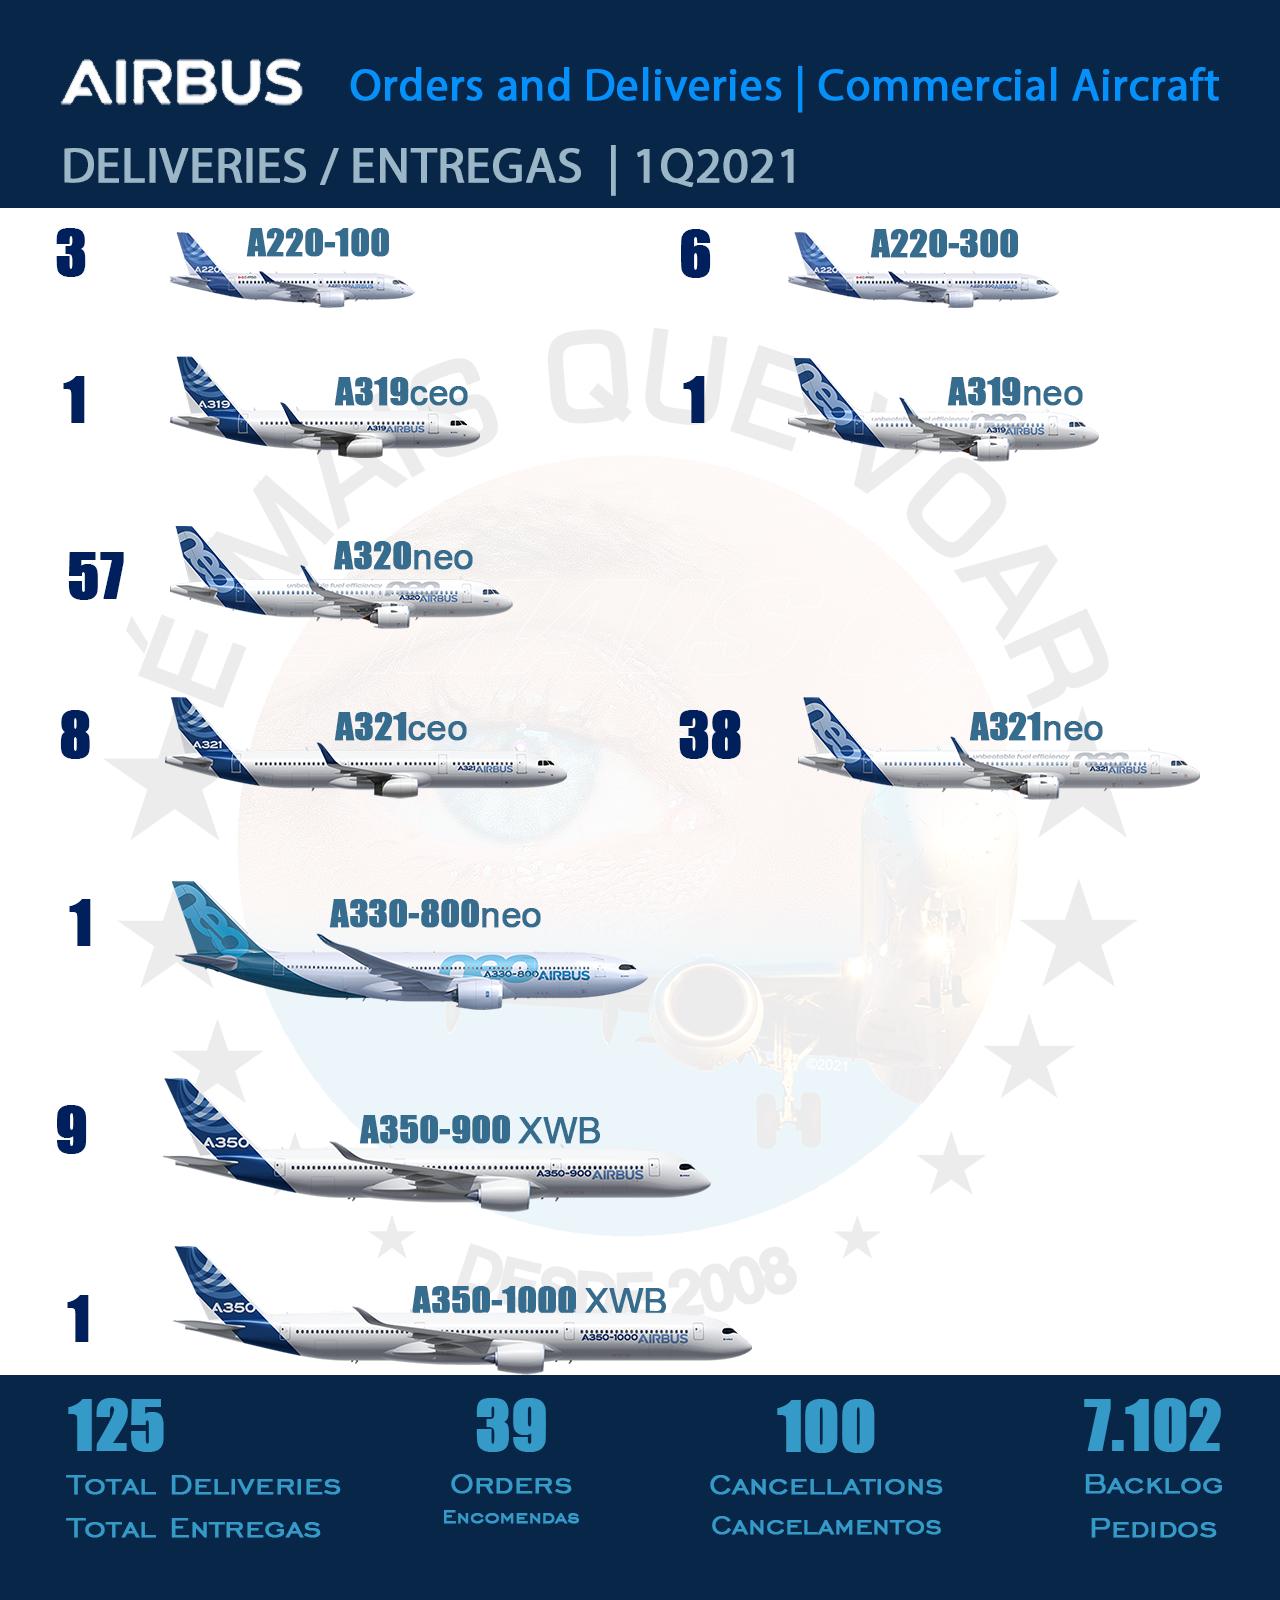 AIRBUS: TOTAL DE ENTREGAS E ENCOMENDAS 1T2021 | É MAIS QUE VOAR